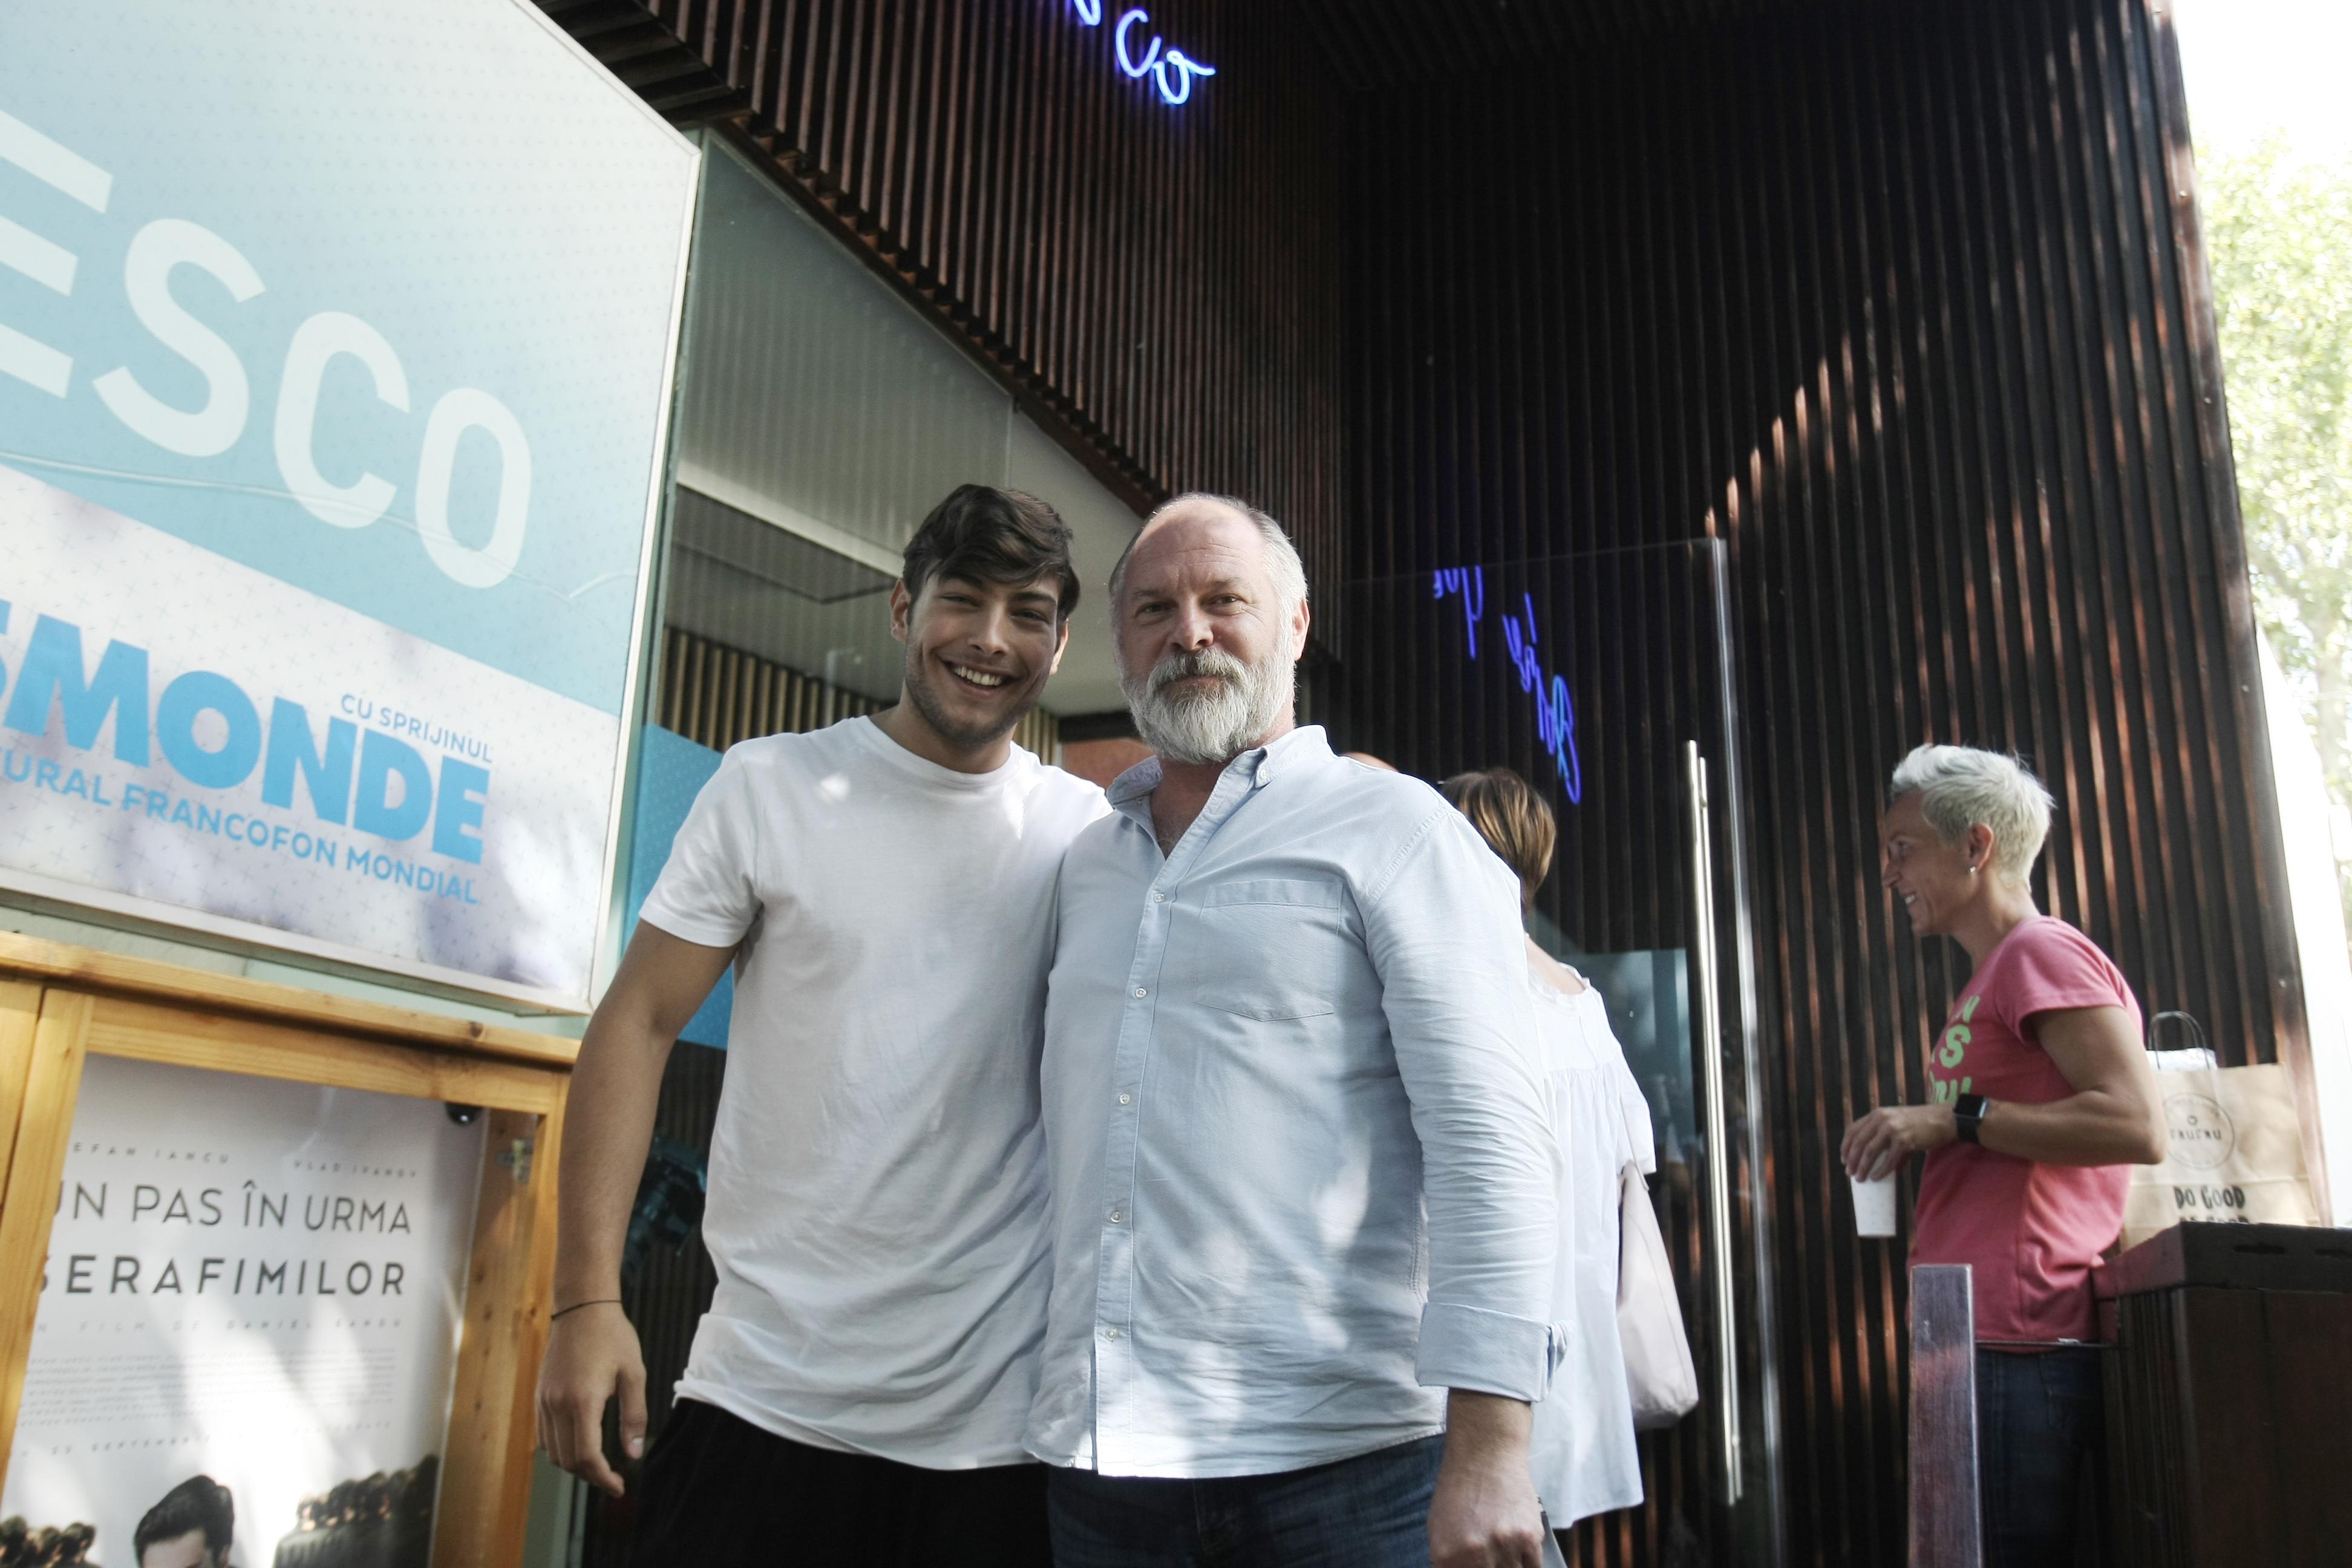 """VIDEO EXCLUSIV/ Ilie Dumitrescu Jr., la primul lui rol într-un lungmetraj. """"Tata a înțeles că nu vreau să joc fotbal și m-a susținut să devin actor!"""""""